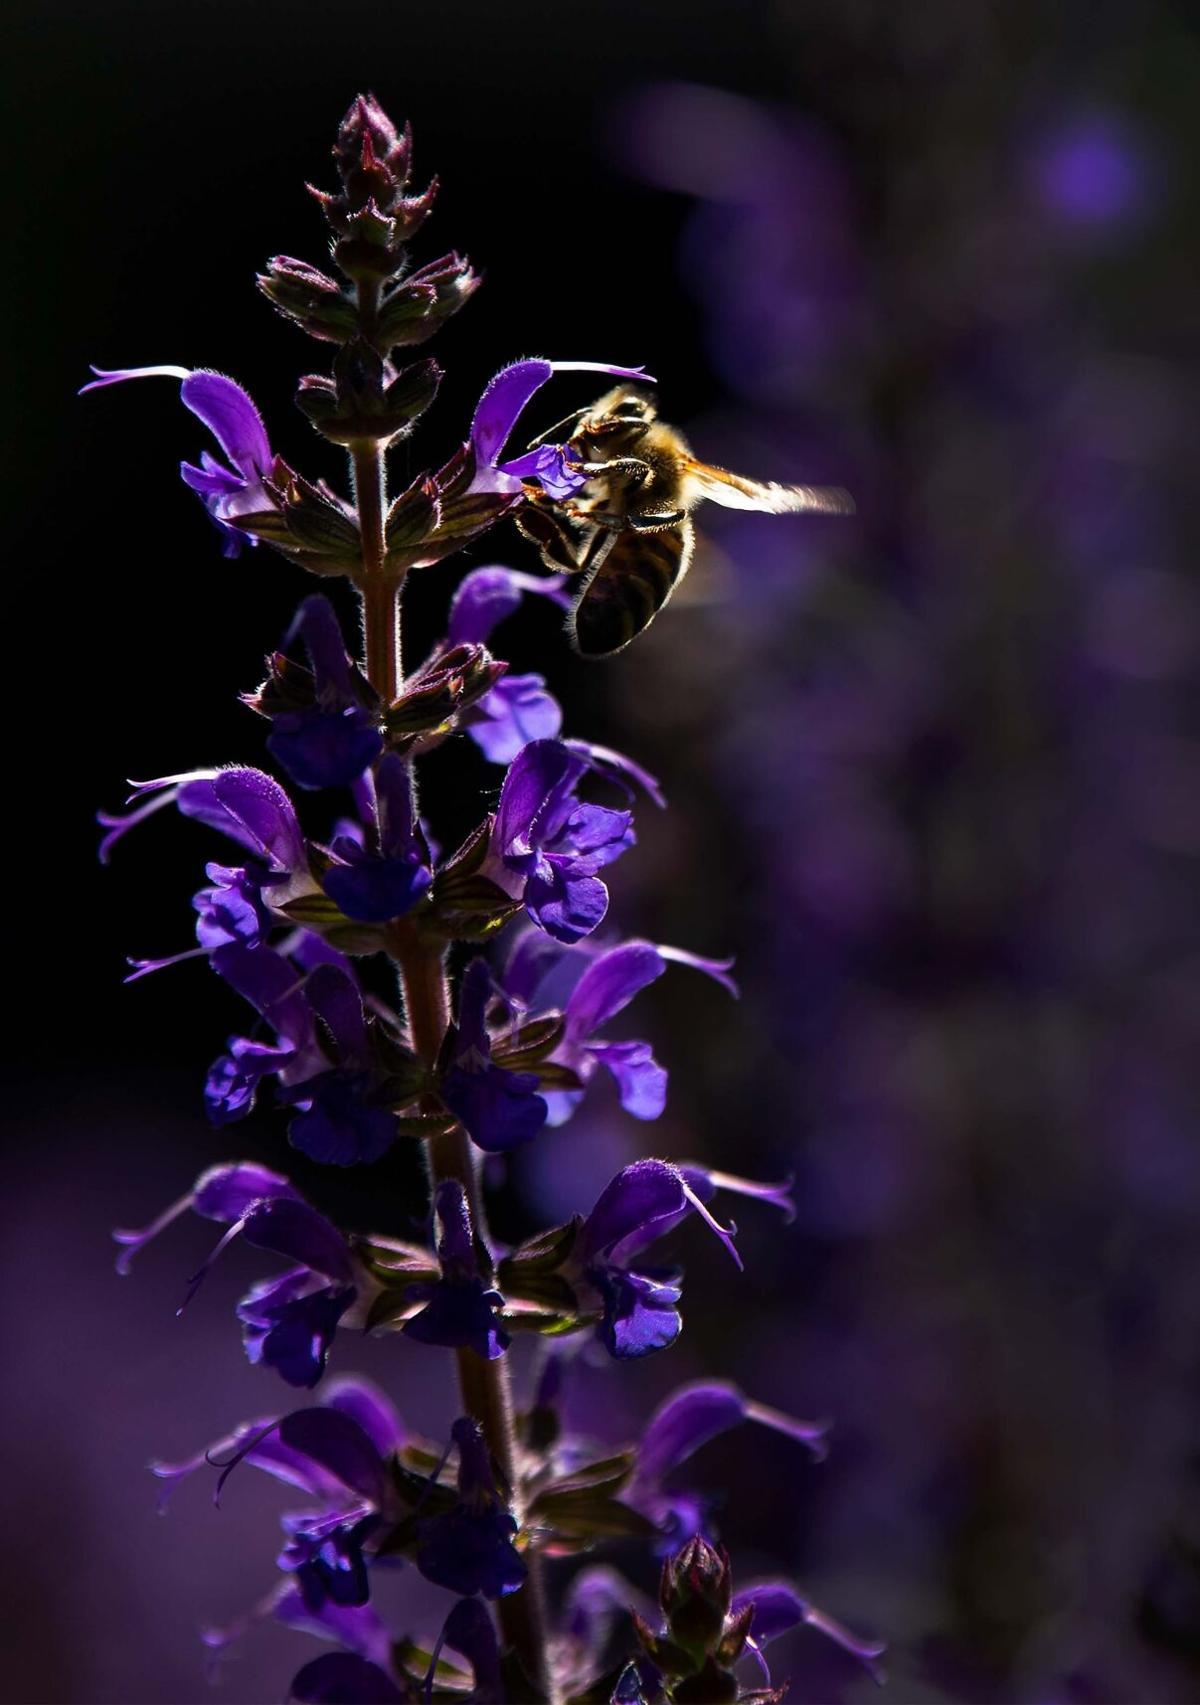 061921-hg-pollinators 1a.jpg